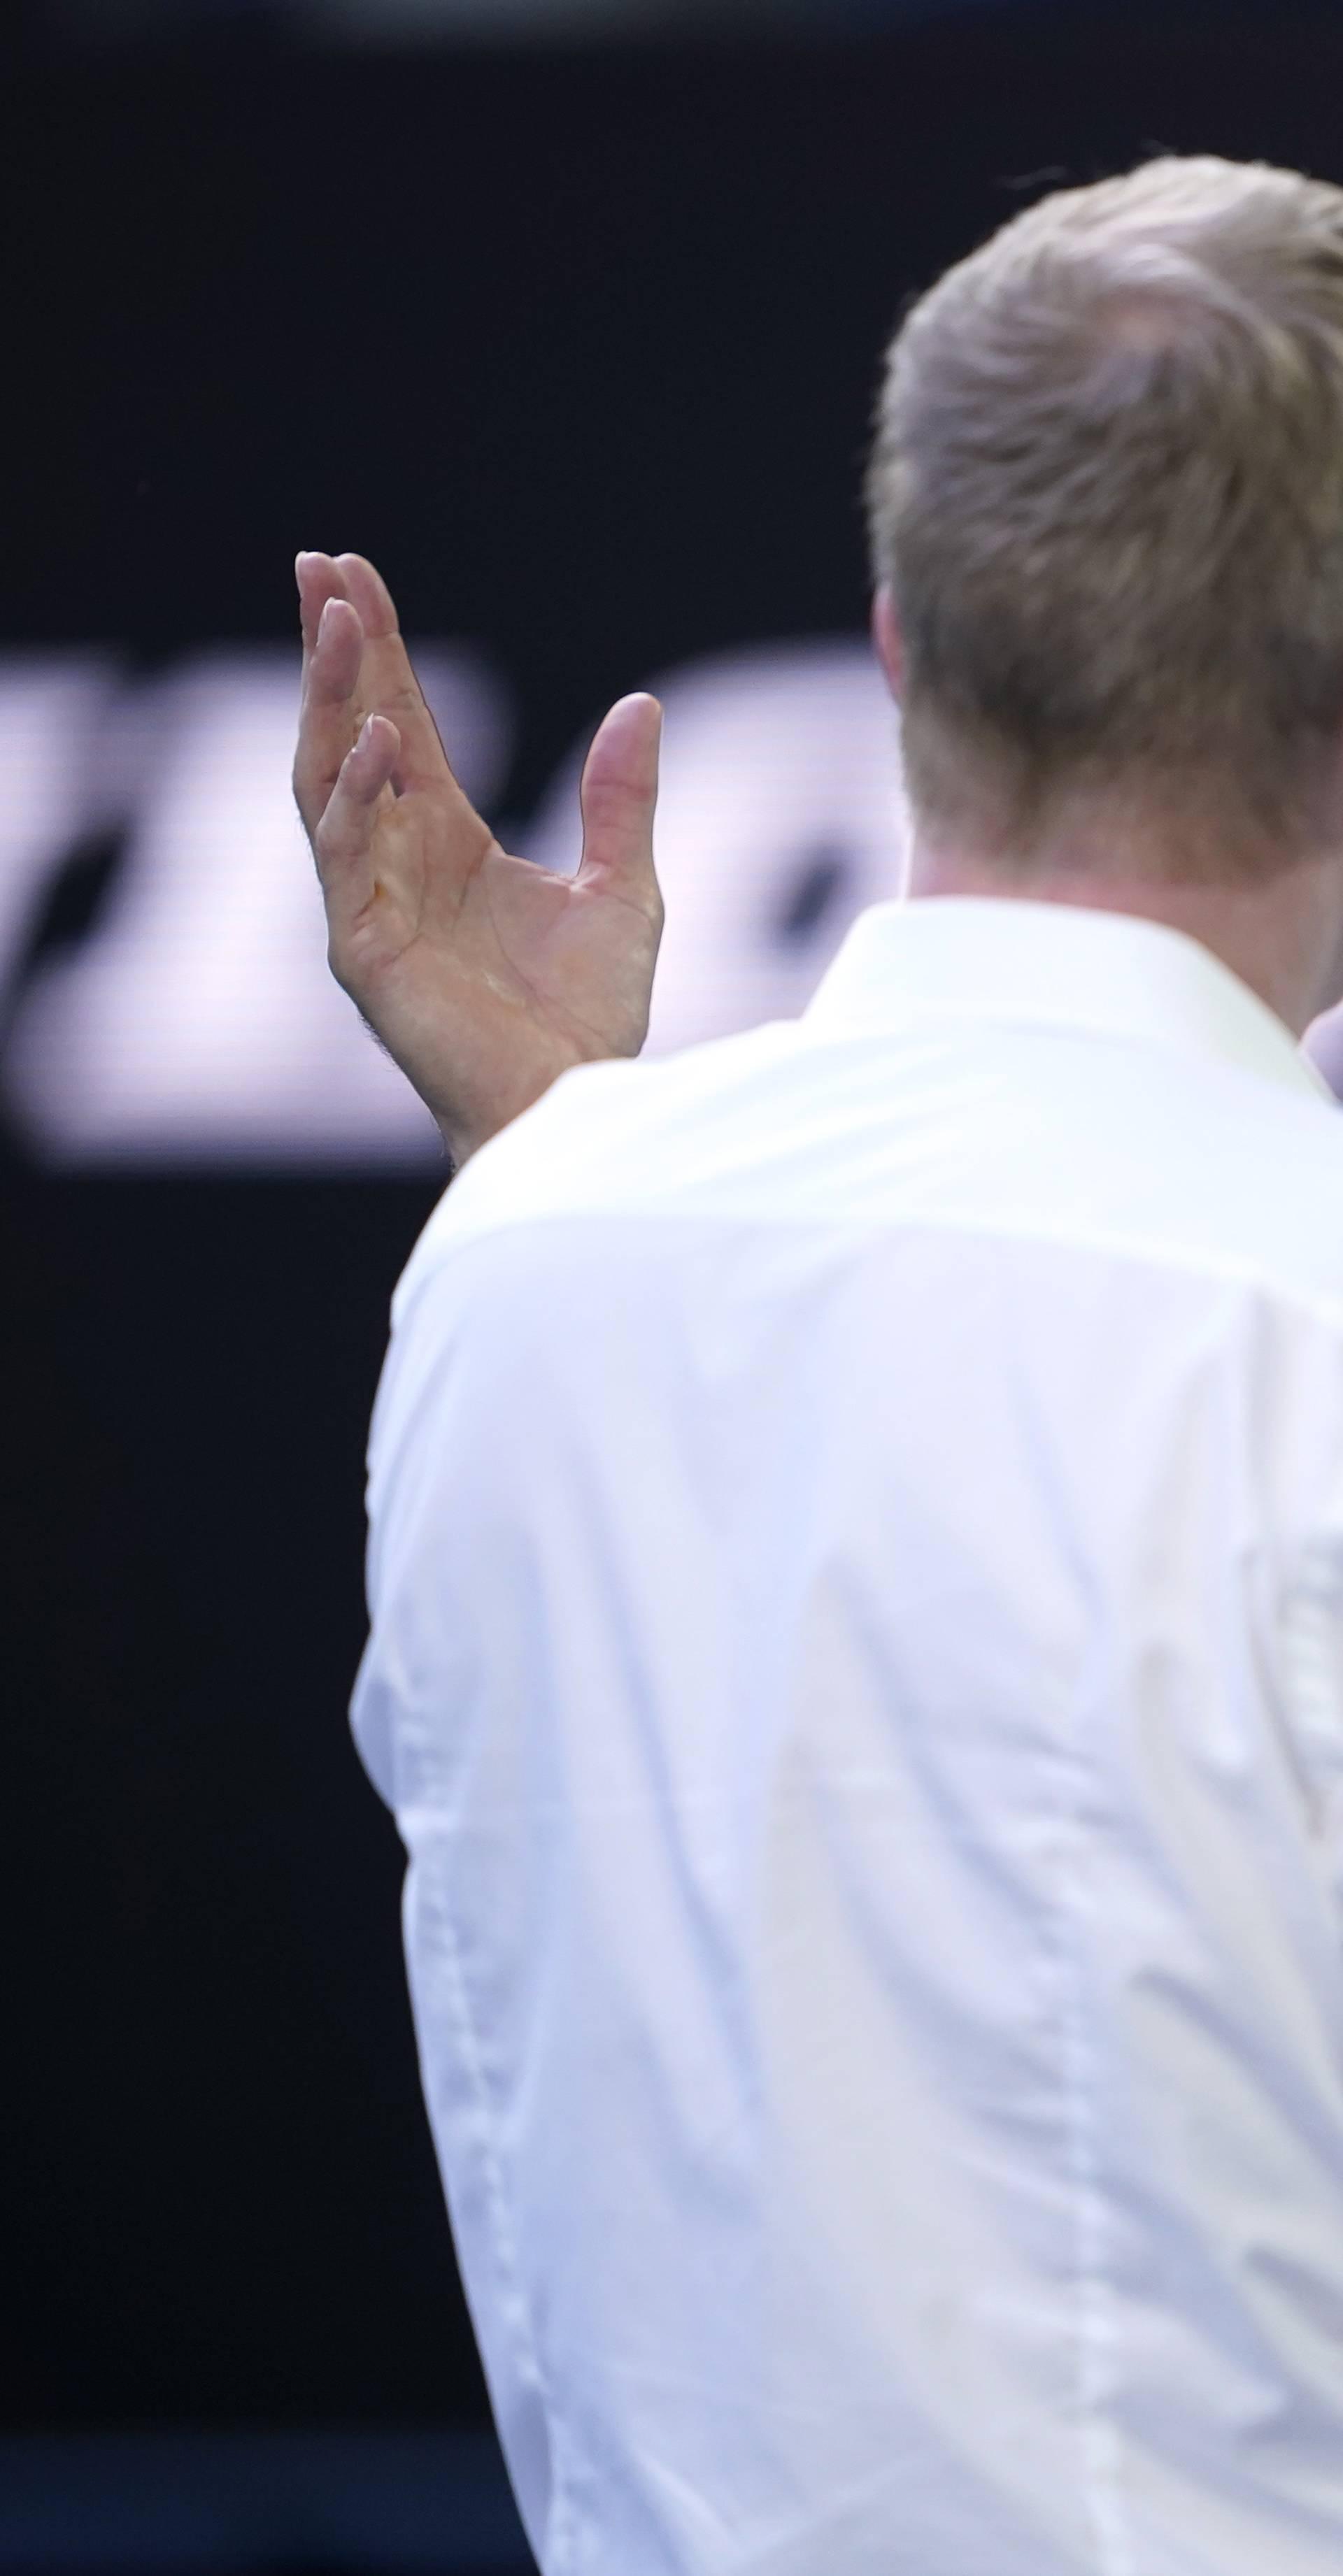 Tennis - Australian Open - Quarter Final